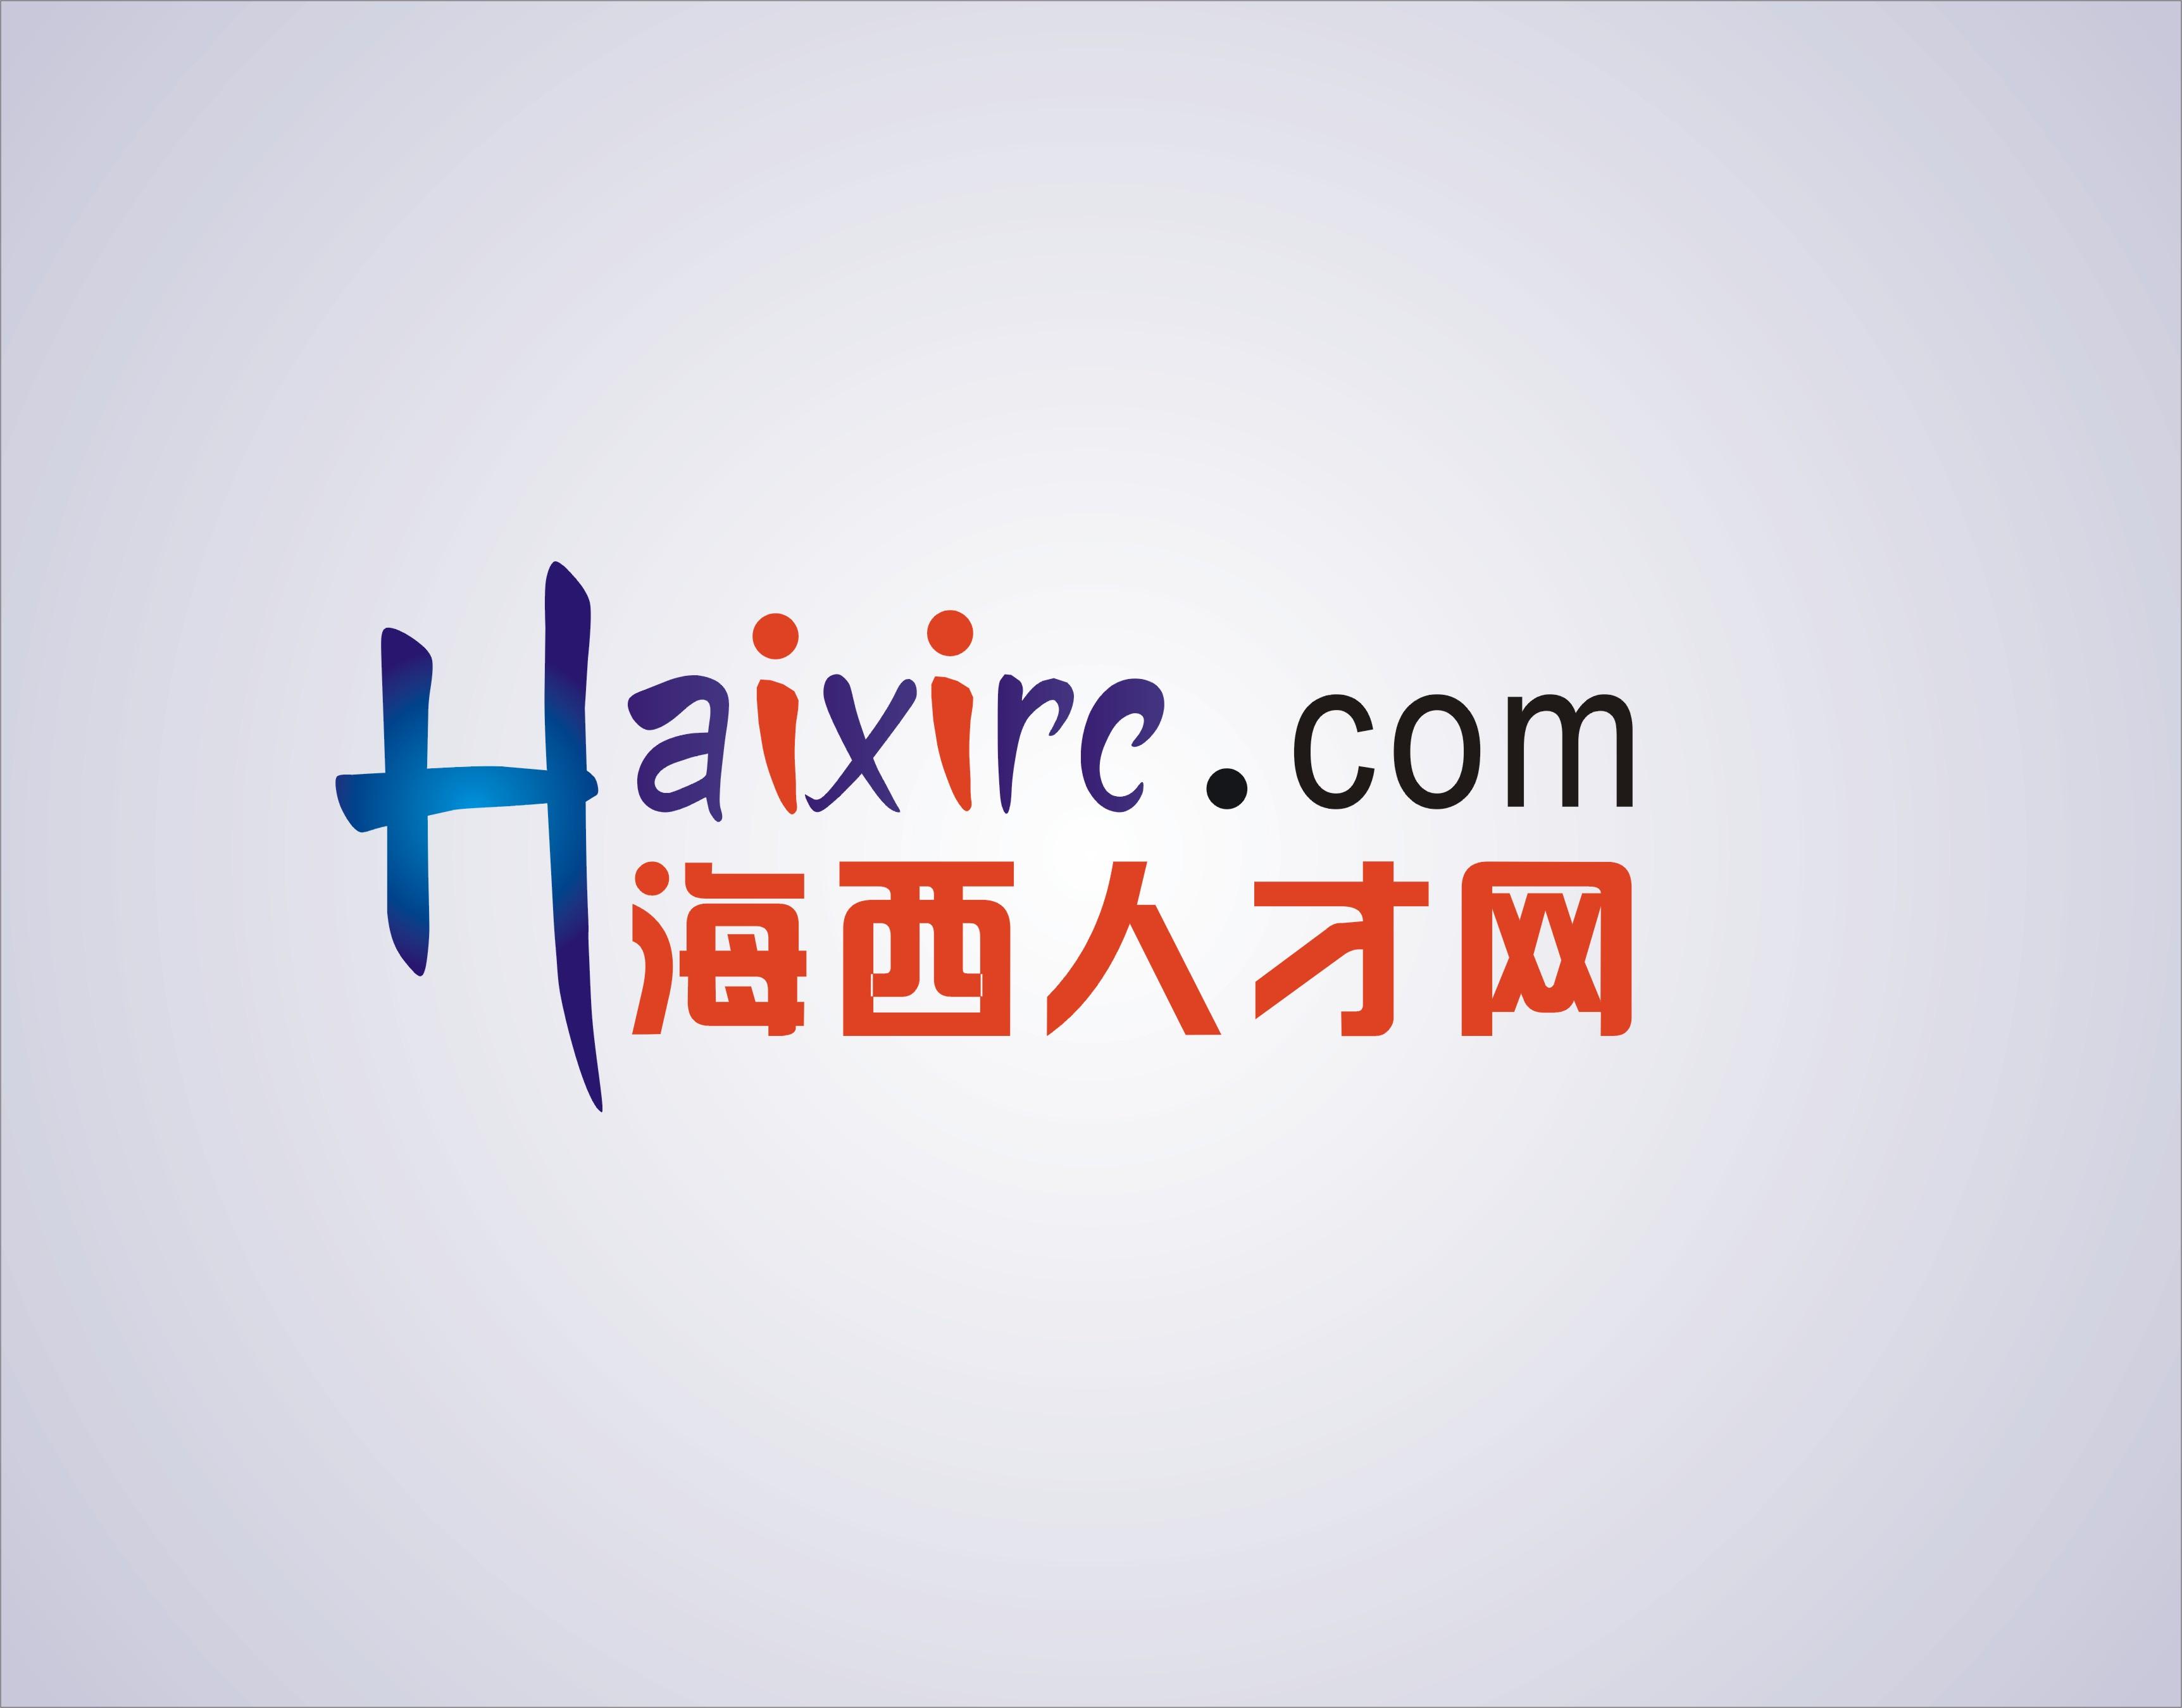 海西人才网,网站logo